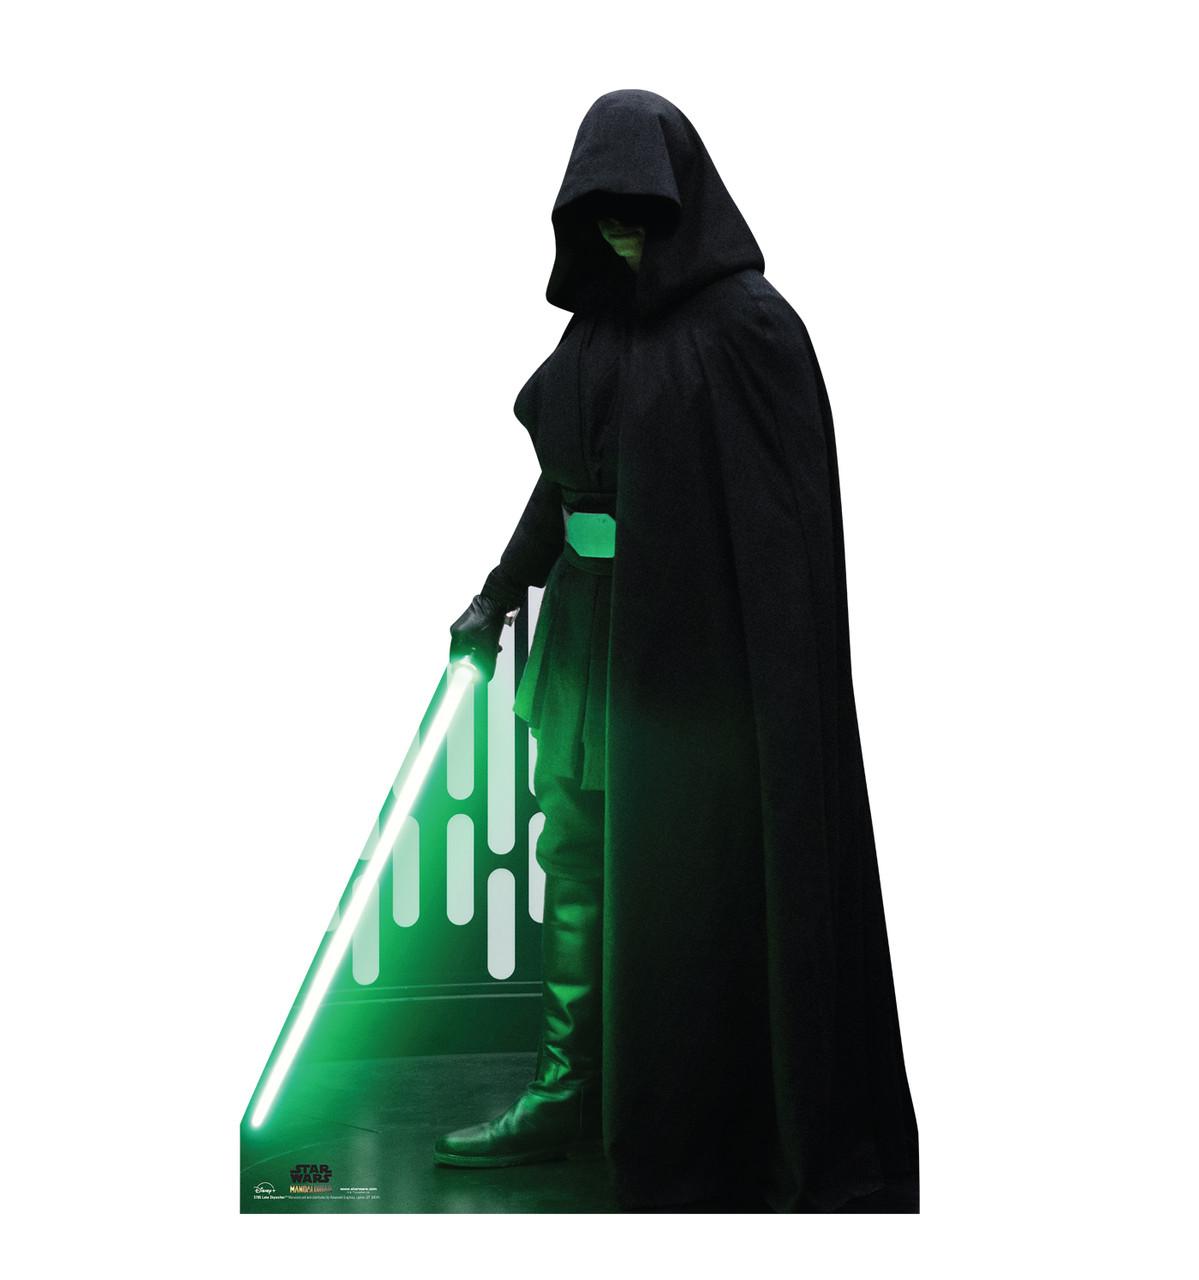 Life-size cardboard standee of Luke Skywalker from the Mandalorian season 2.